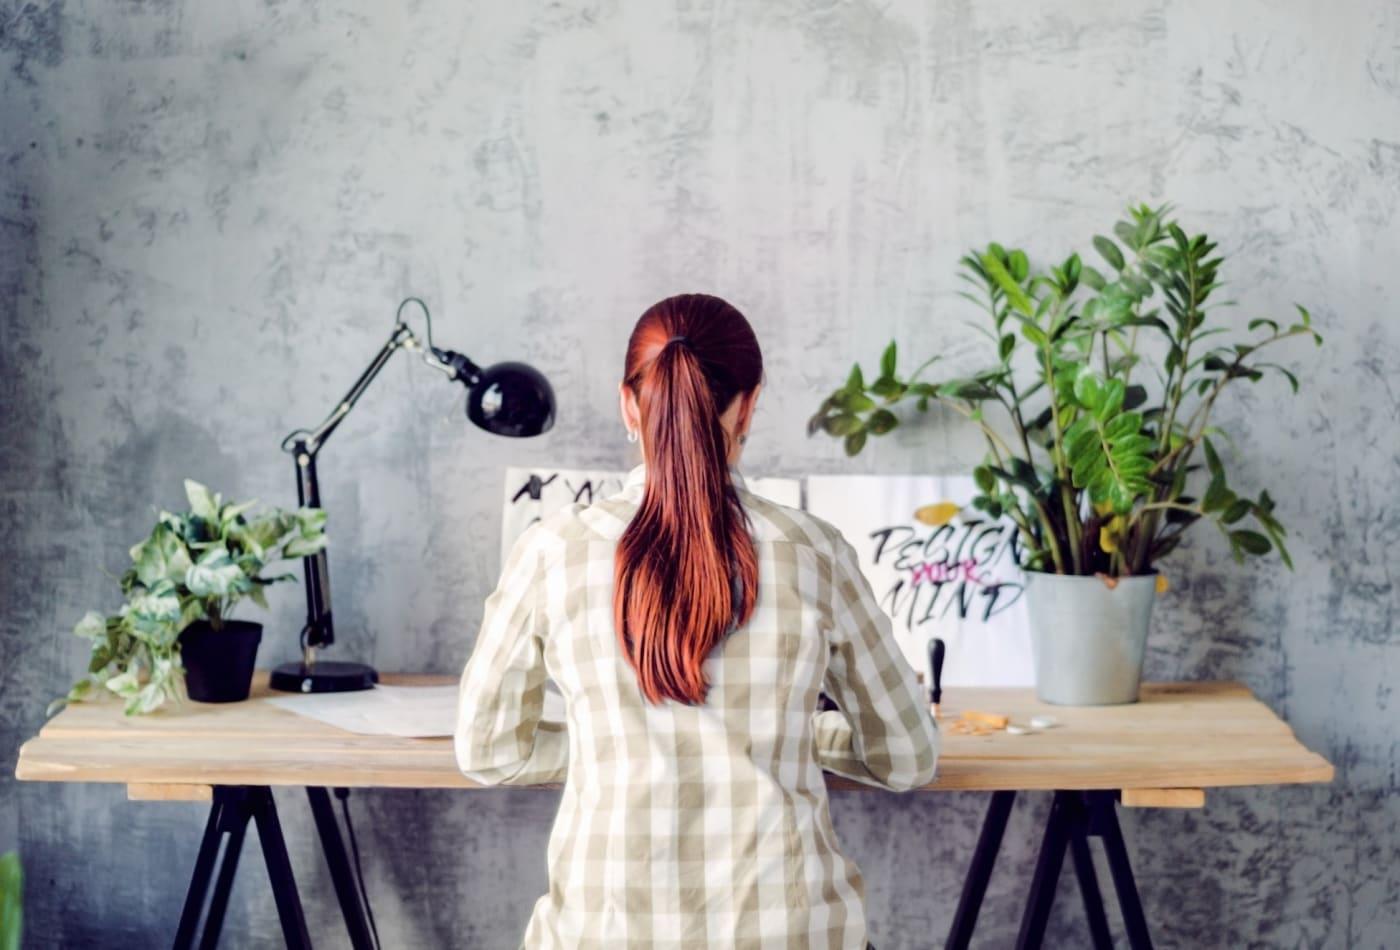 تصویر از کاهش استرس محیط کار با استفاده از گیاهان کوچک